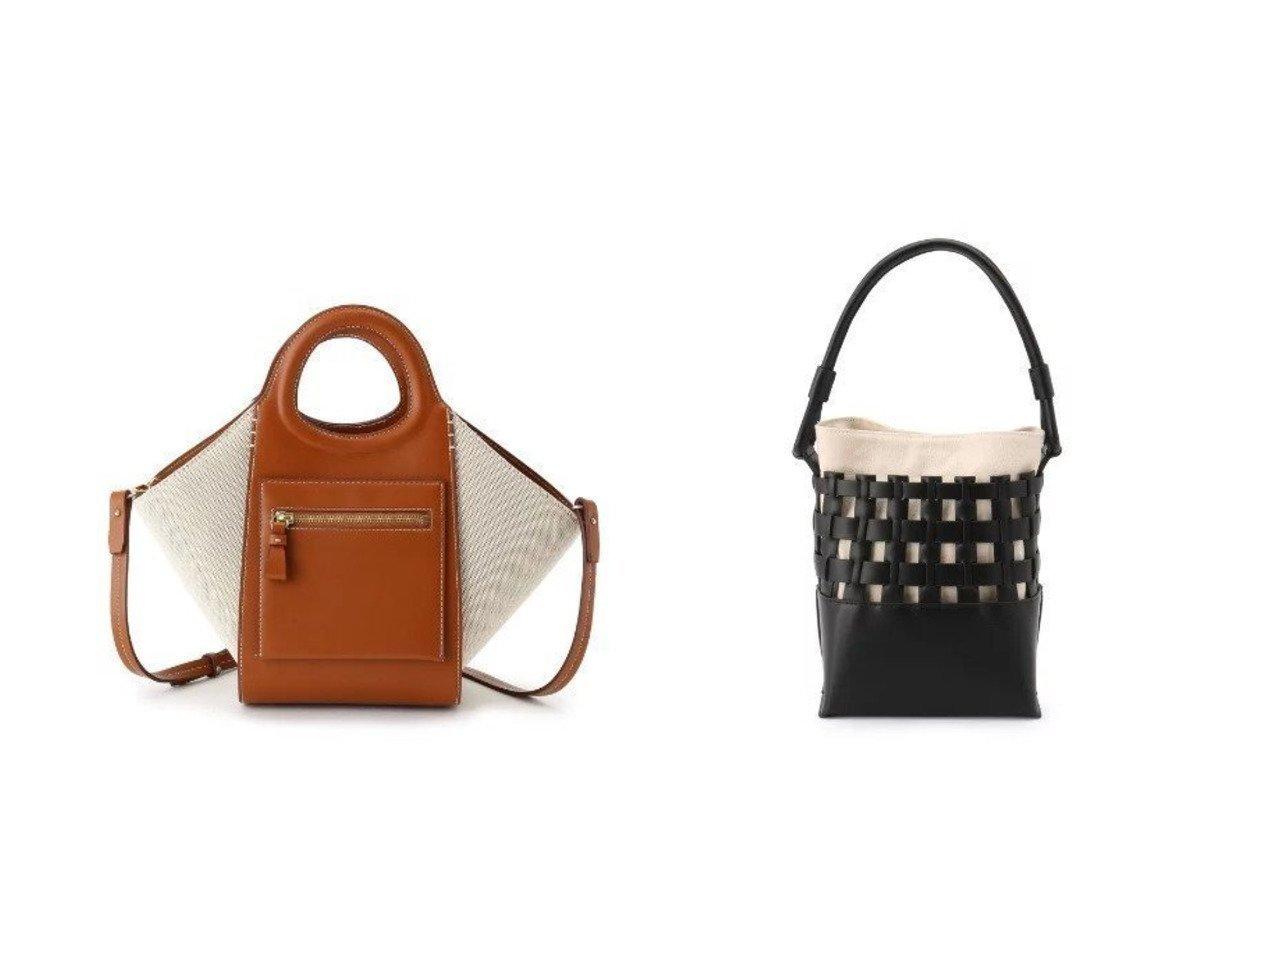 【UNTITLED/アンタイトル】のオーバルハンドルバッグ&kakatoo メッシュスクエアバケツ型バッグ バッグ・鞄のおすすめ!人気、トレンド・レディースファッションの通販 おすすめで人気の流行・トレンド、ファッションの通販商品 メンズファッション・キッズファッション・インテリア・家具・レディースファッション・服の通販 founy(ファニー) https://founy.com/ ファッション Fashion レディースファッション WOMEN バッグ Bag キャンバス クラシカル スクエア ハンドバッグ フェイクレザー ポケット マグネット オーバル コンビ フォルム ワイド |ID:crp329100000023937